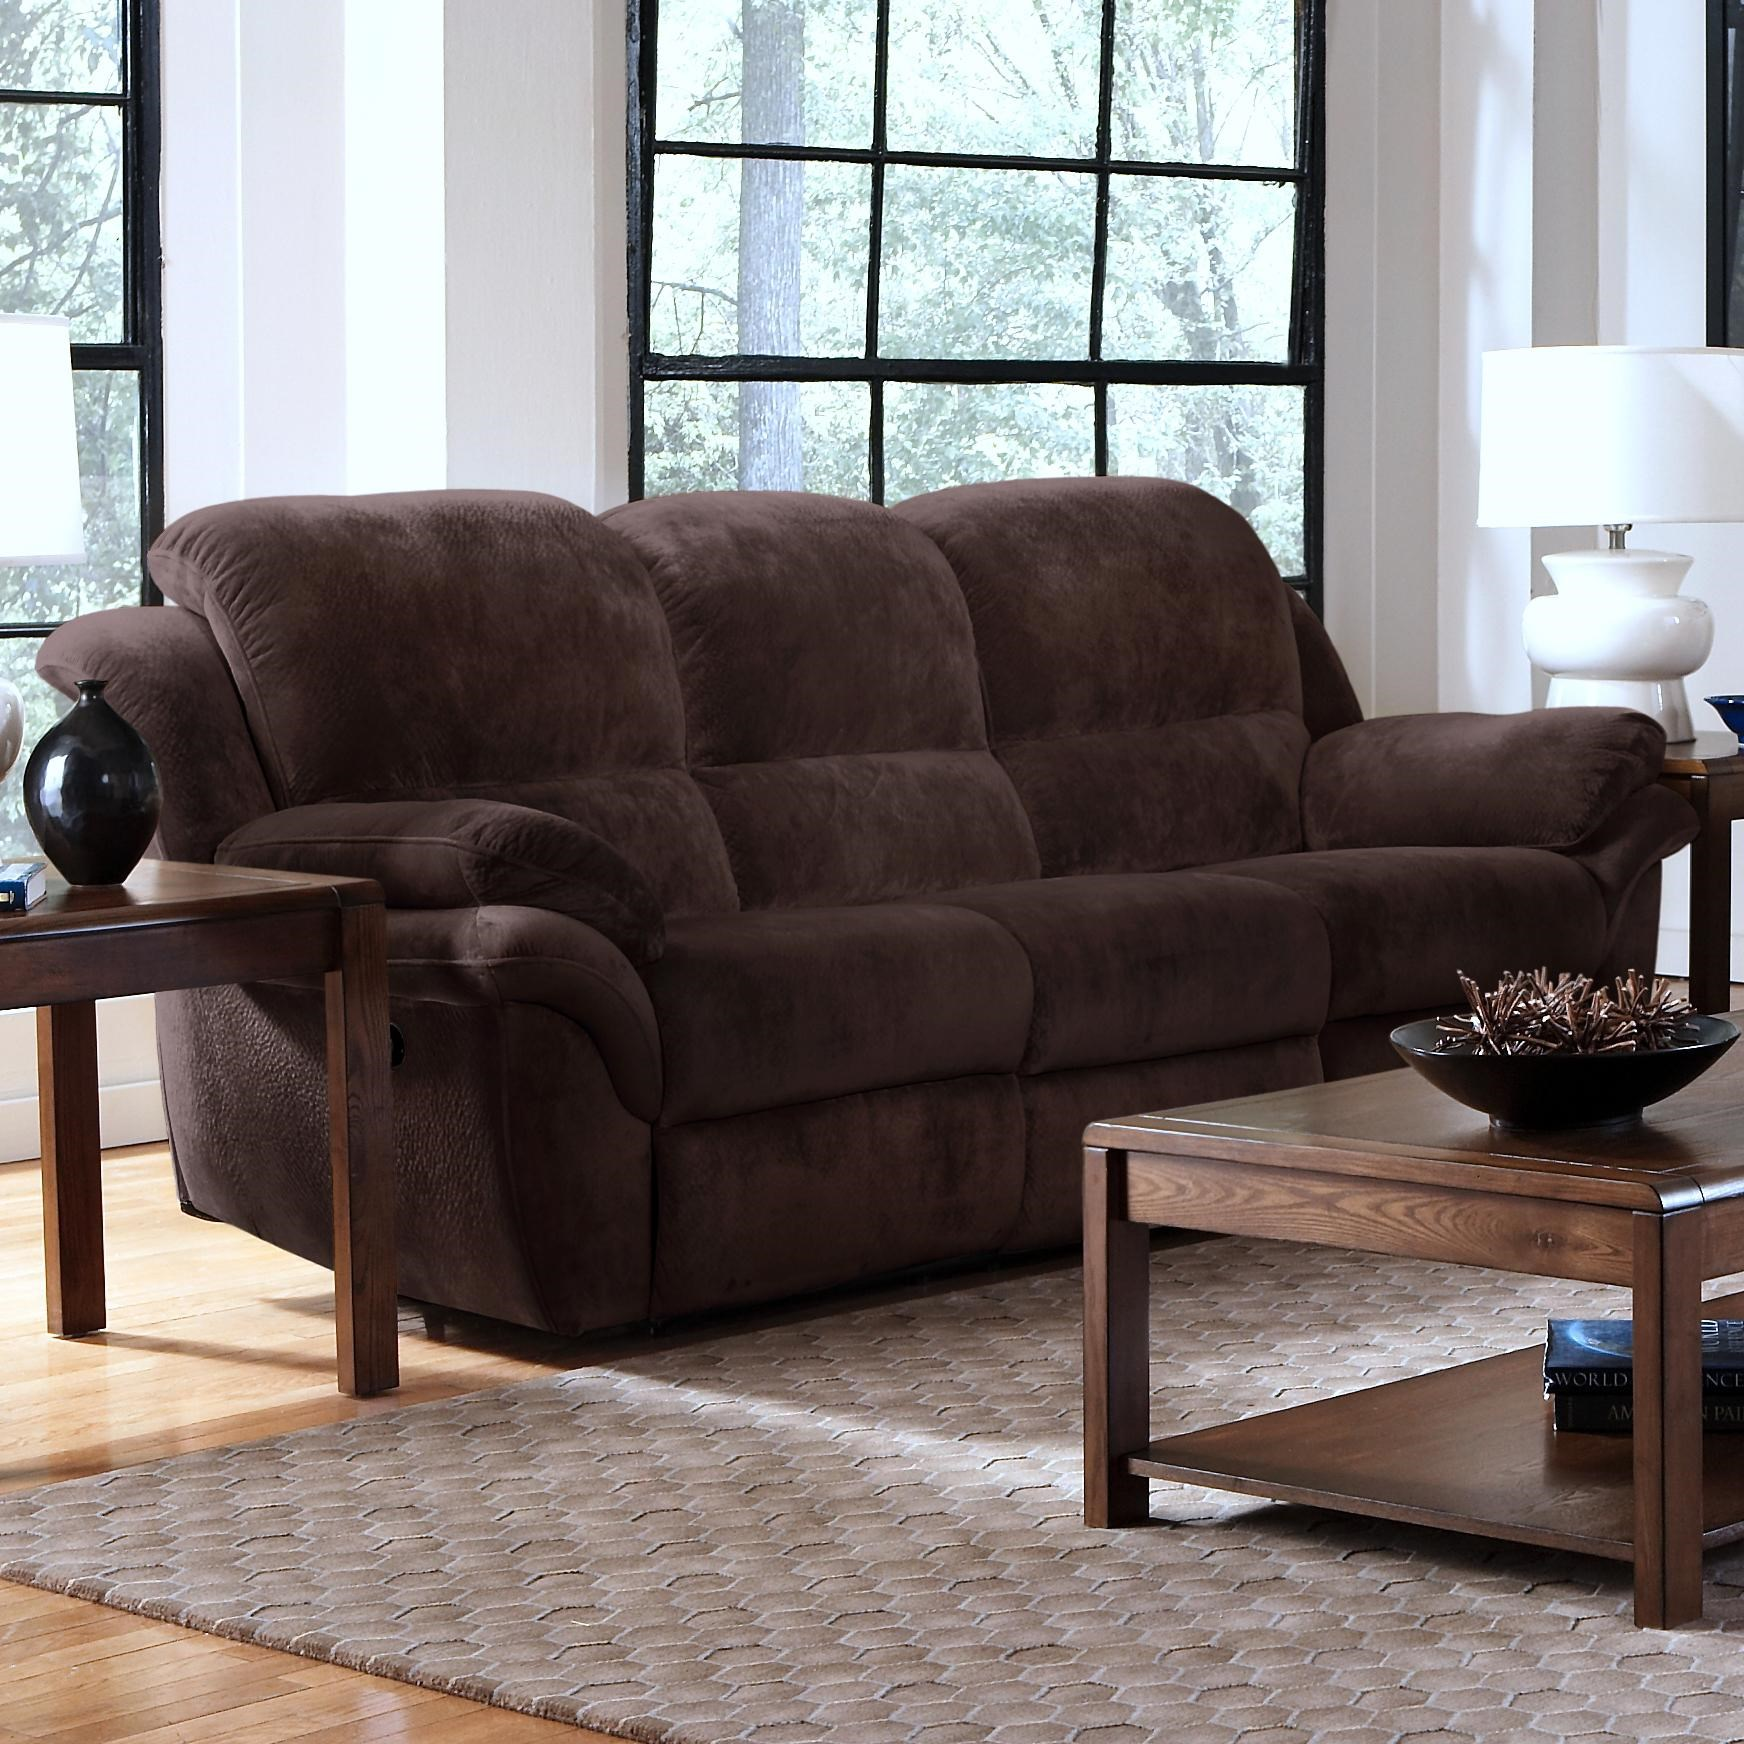 New Classic Pebble Dual Recliner Motion Sofa Part 60